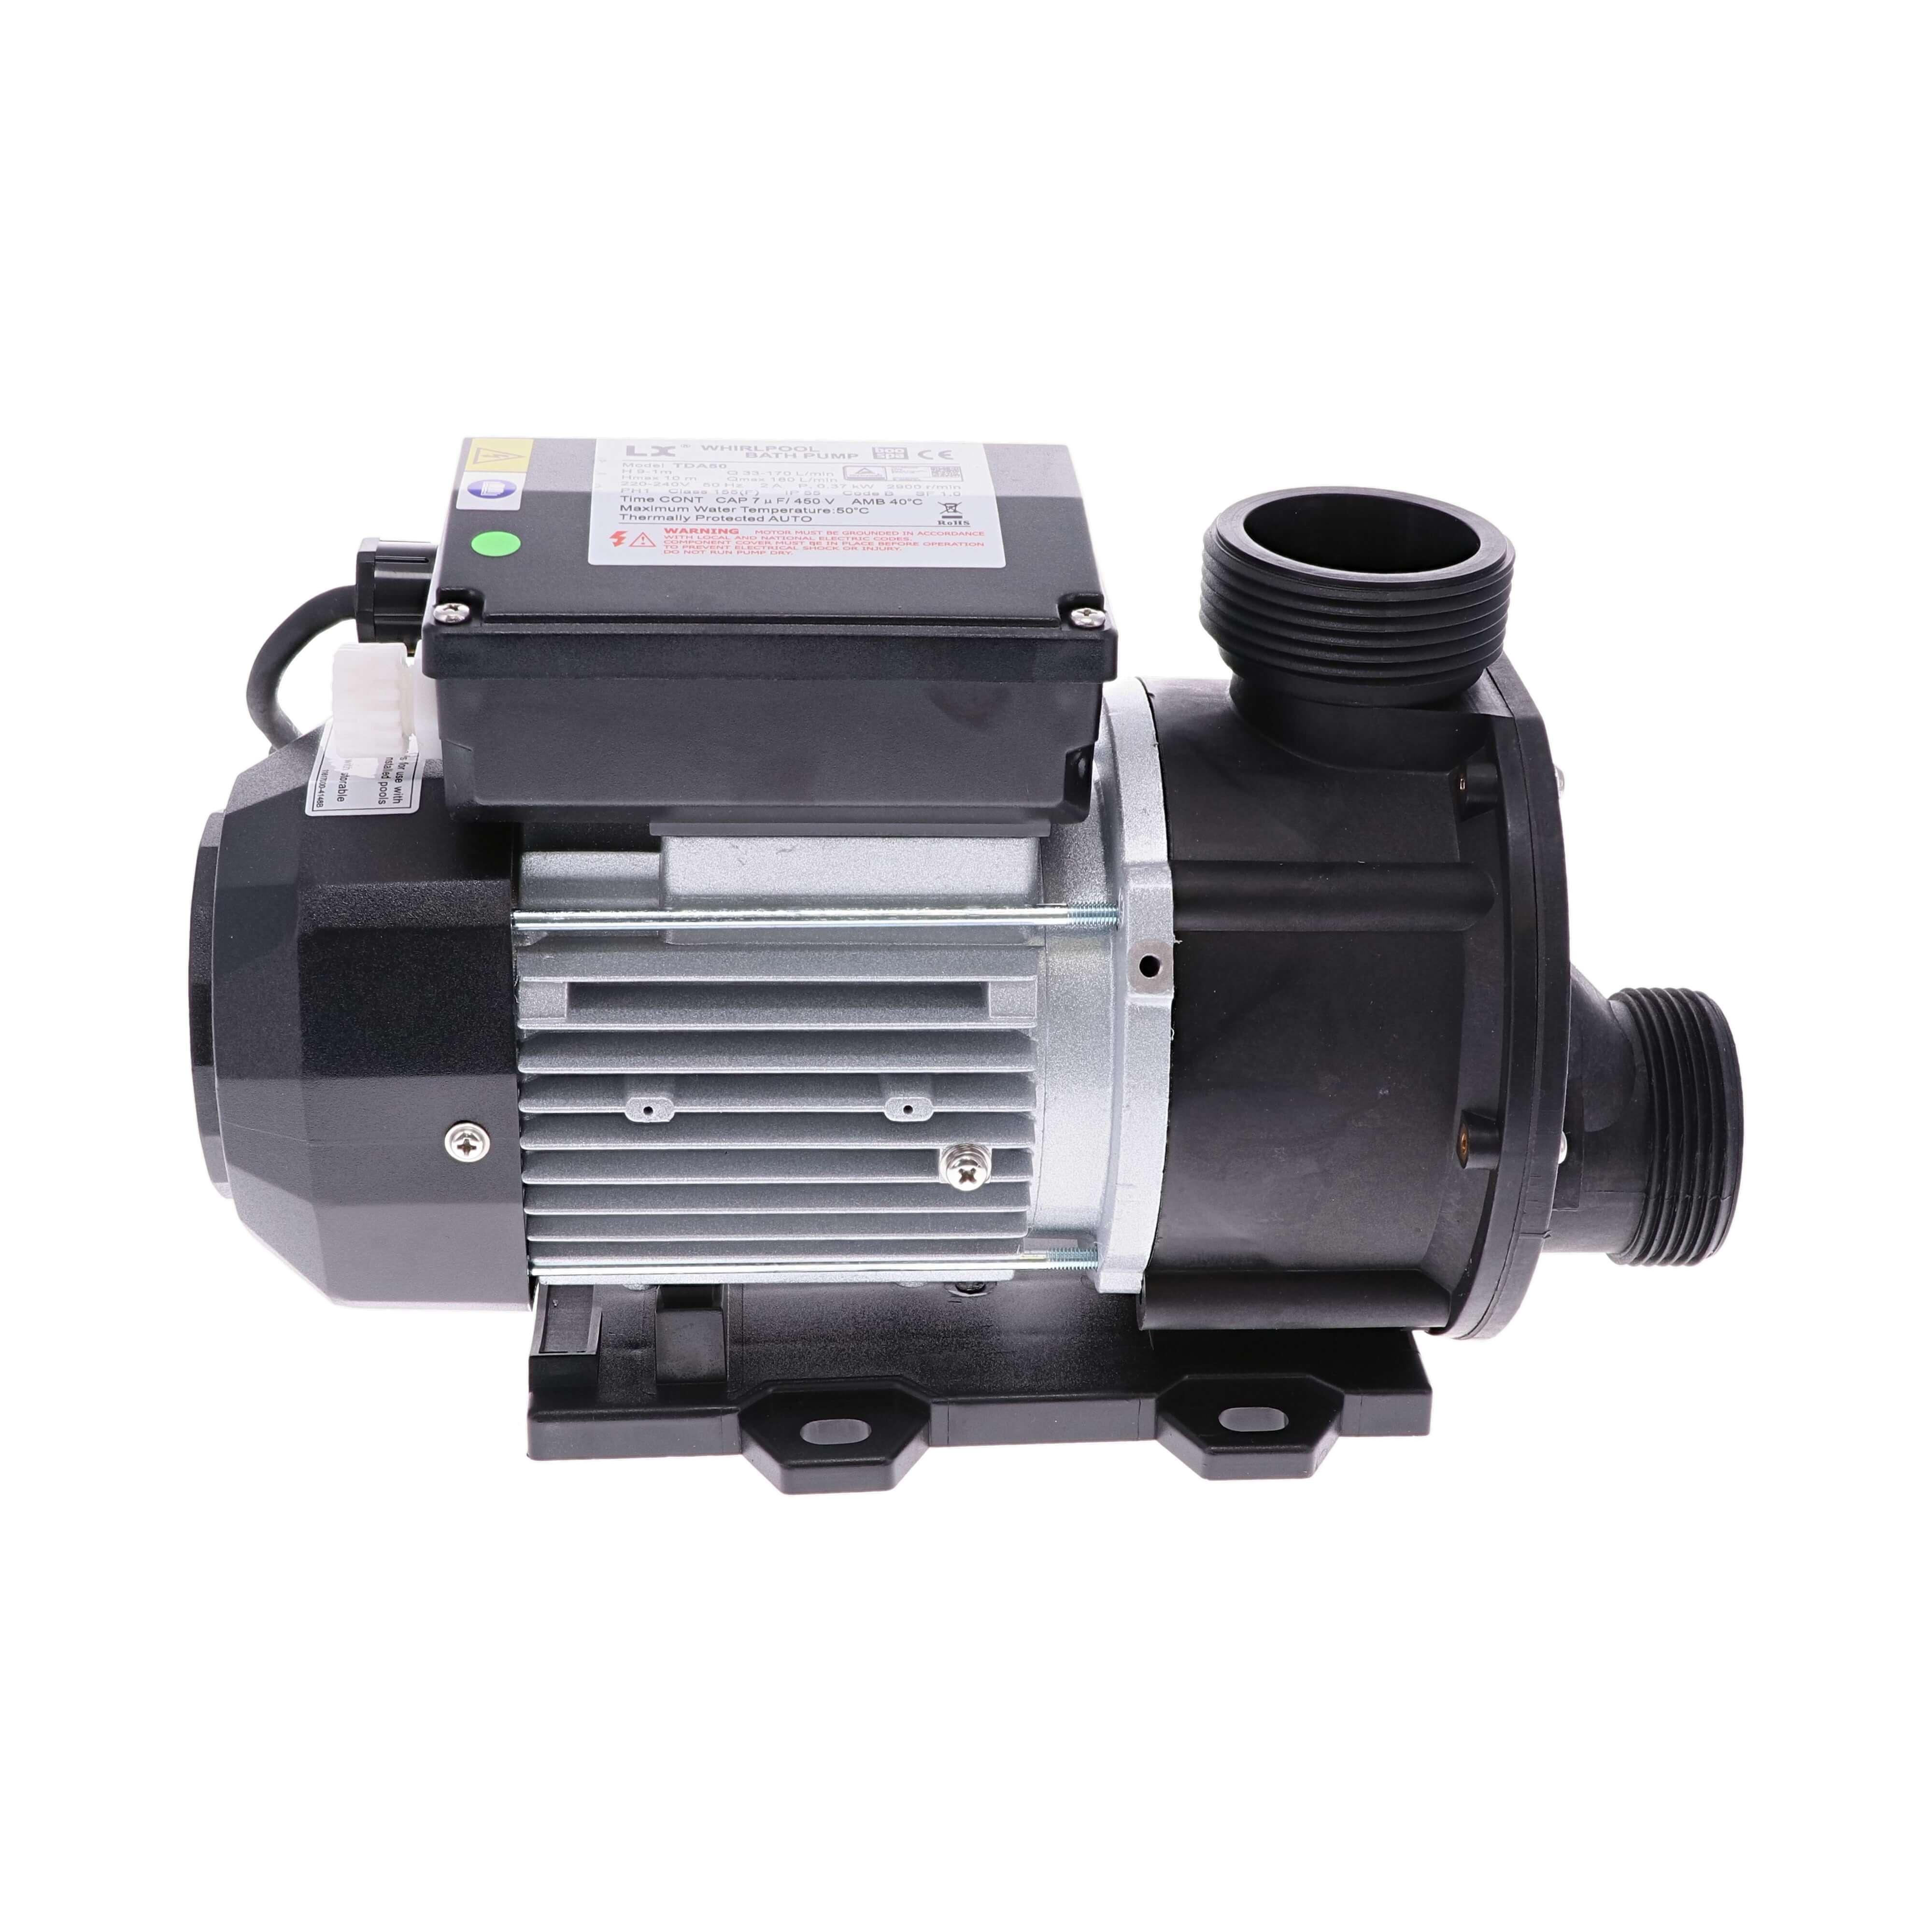 Spa filtration pump TDA75